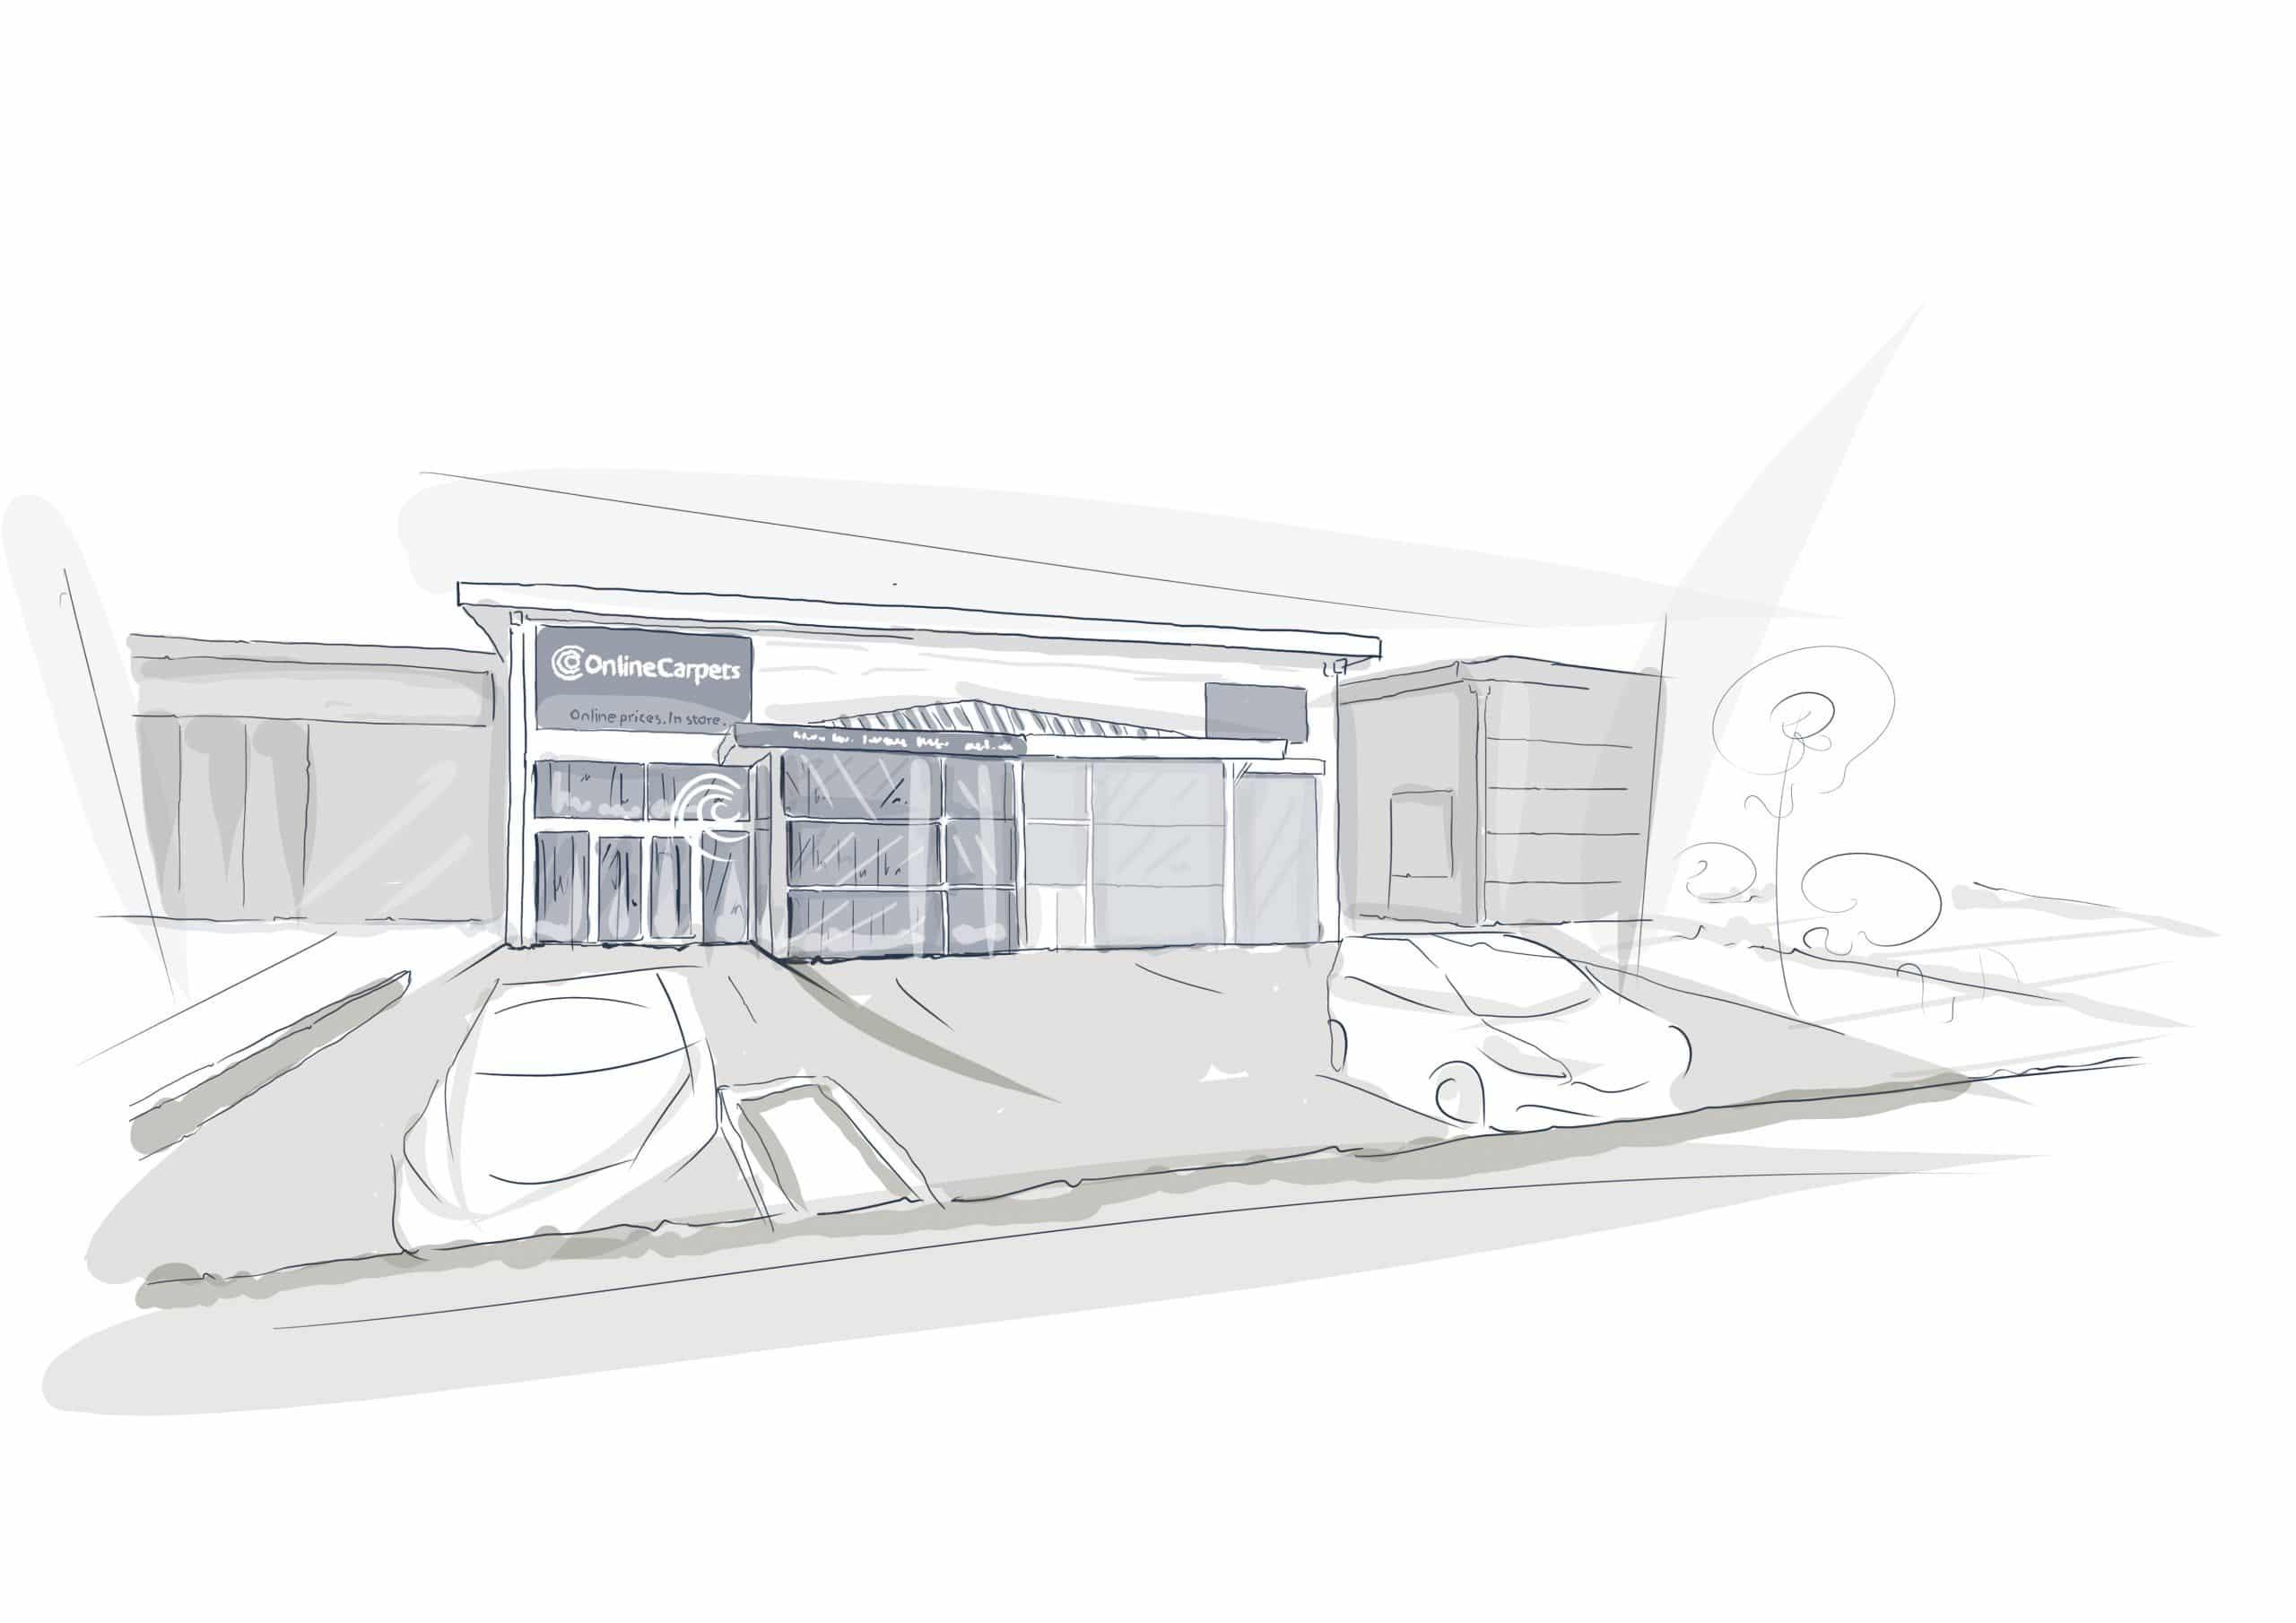 Shop SIgn Retail Park - Cardiff - Online Carpets